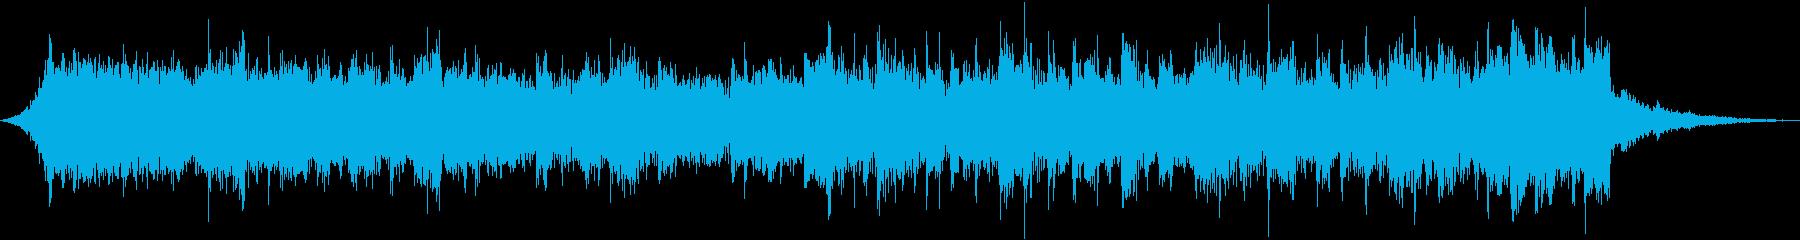 ミステリアスサスペンスシリアスBGMeの再生済みの波形